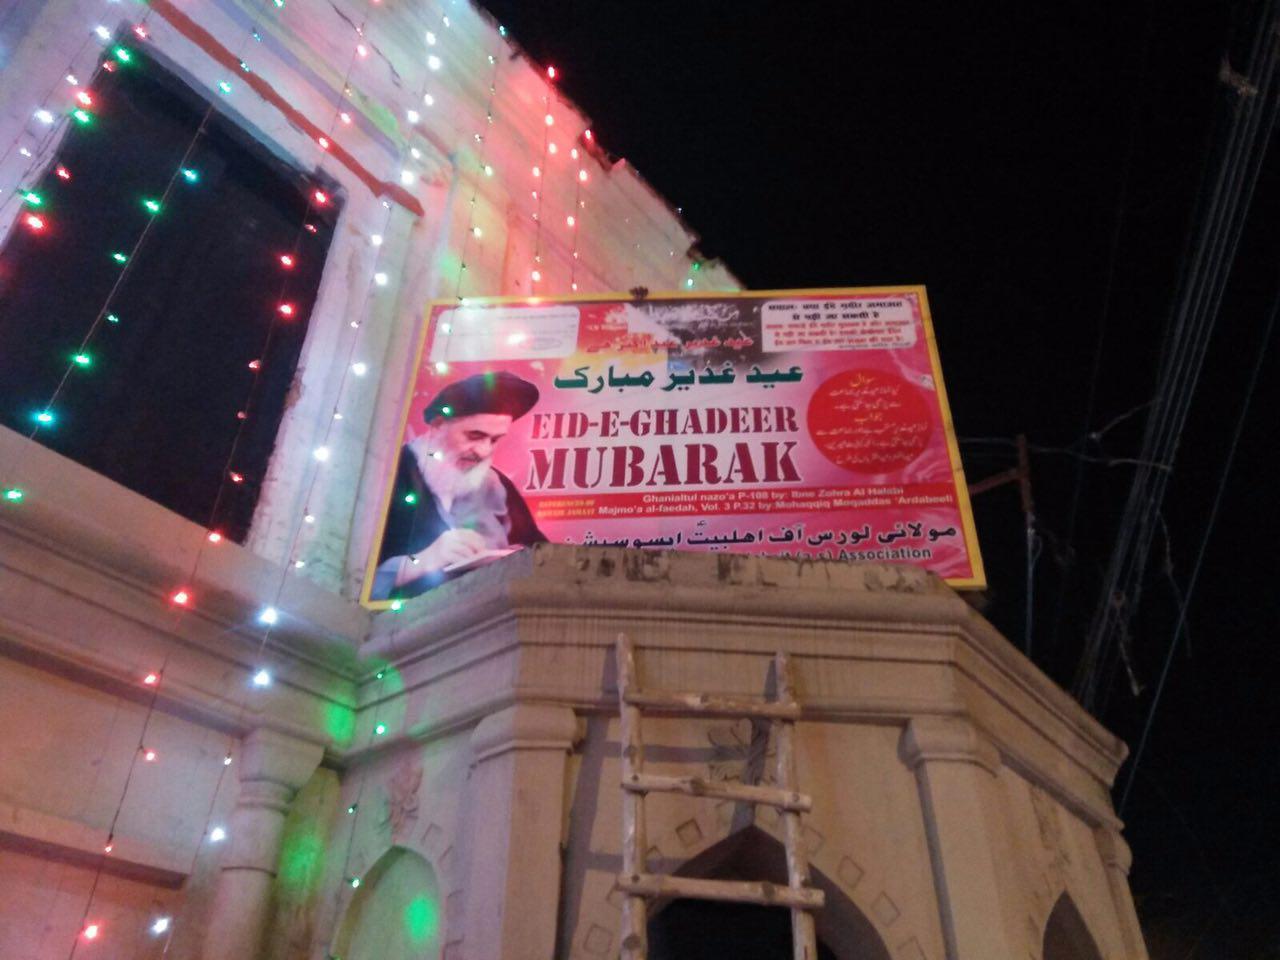 تصویر گزارش تصويرى – بنر تبريك عيد از سوى دفتر آيت الله العظمى شيرازى در سراسر شهر لكهنوى هندوستان